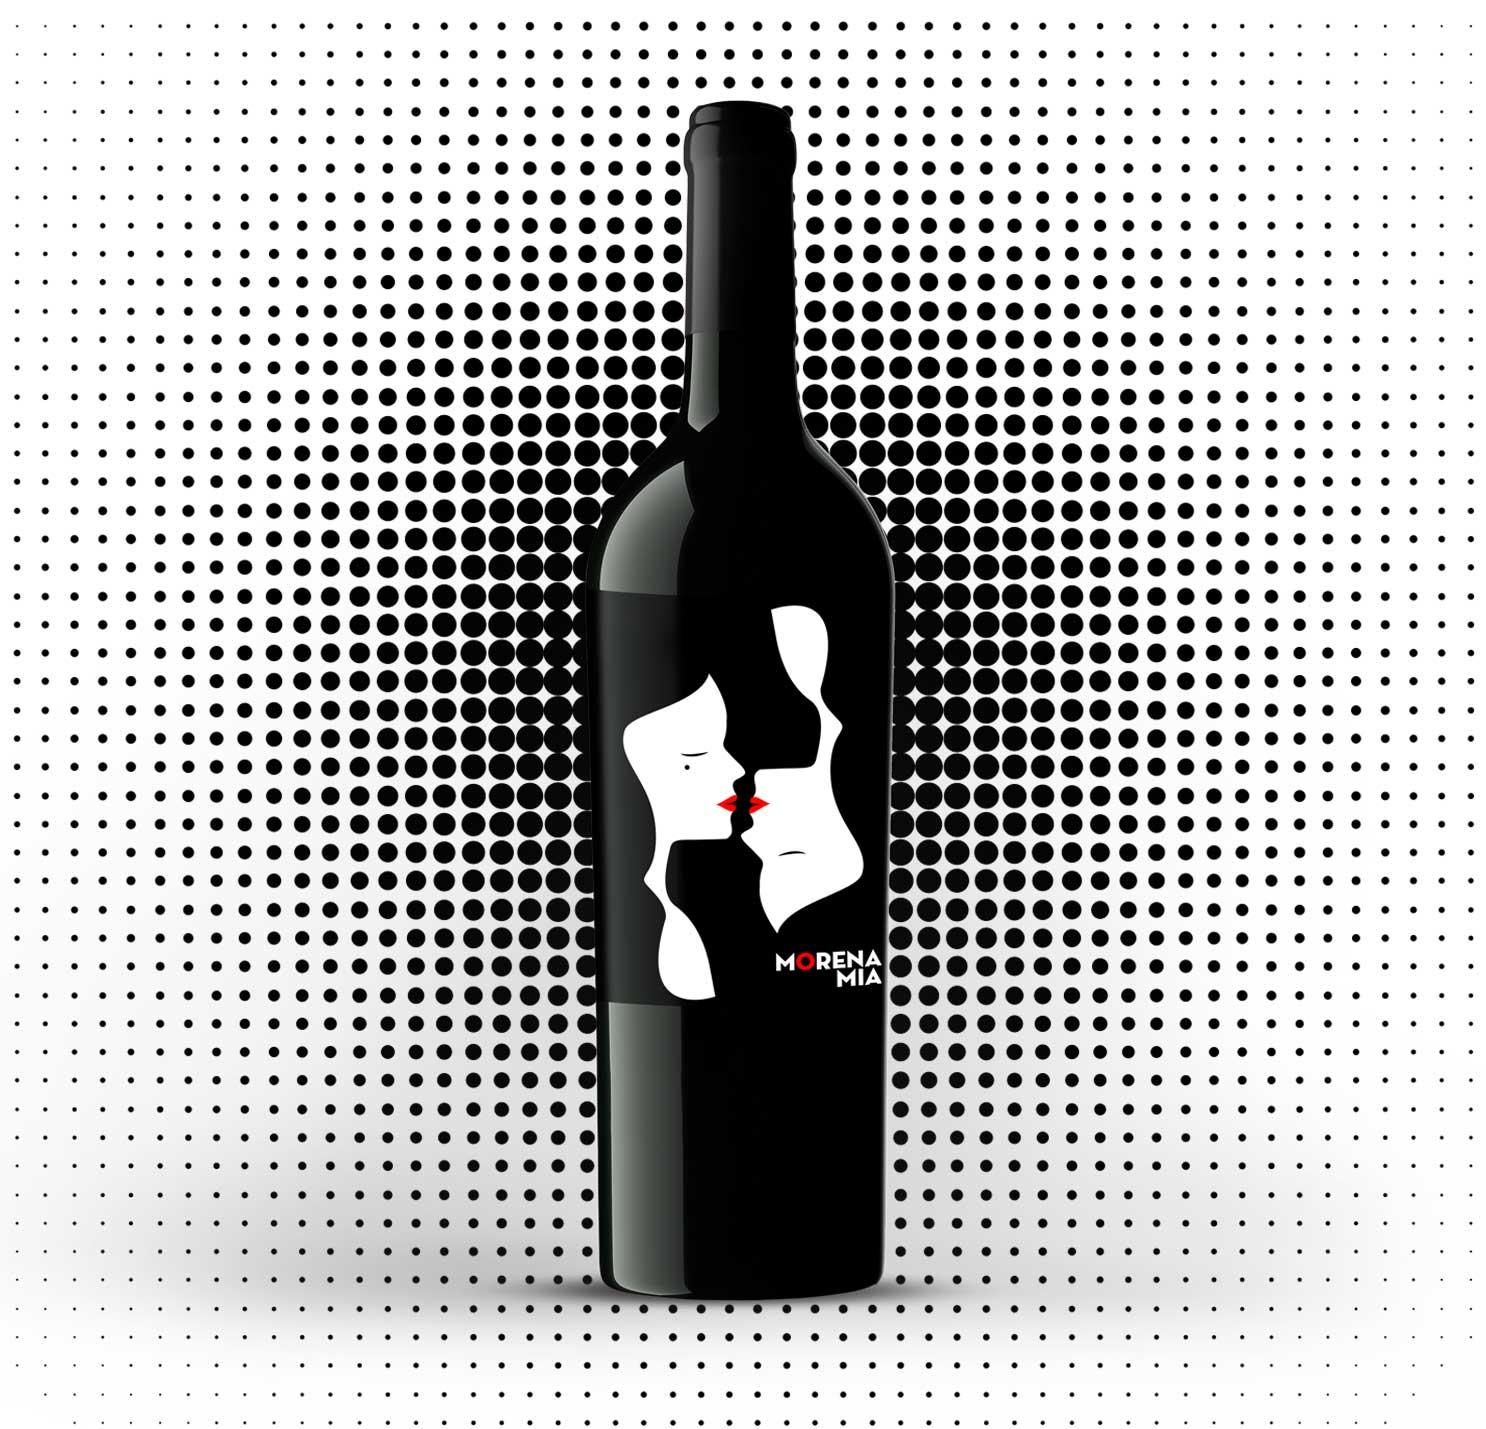 Originalidad en el dise o de etiquetas de vino for Diseno de etiquetas